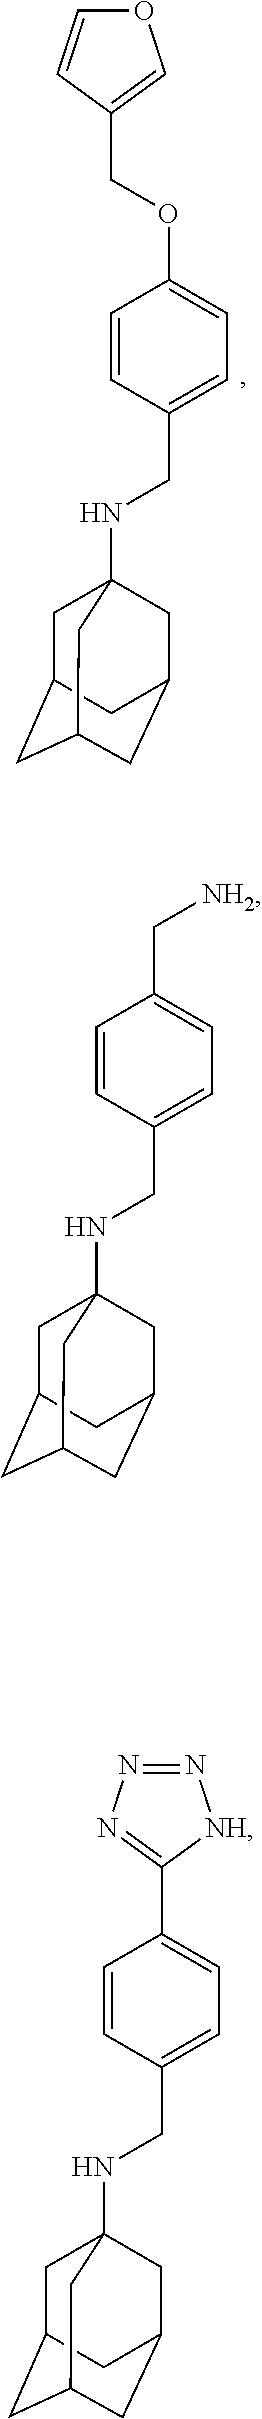 Figure US09884832-20180206-C00009